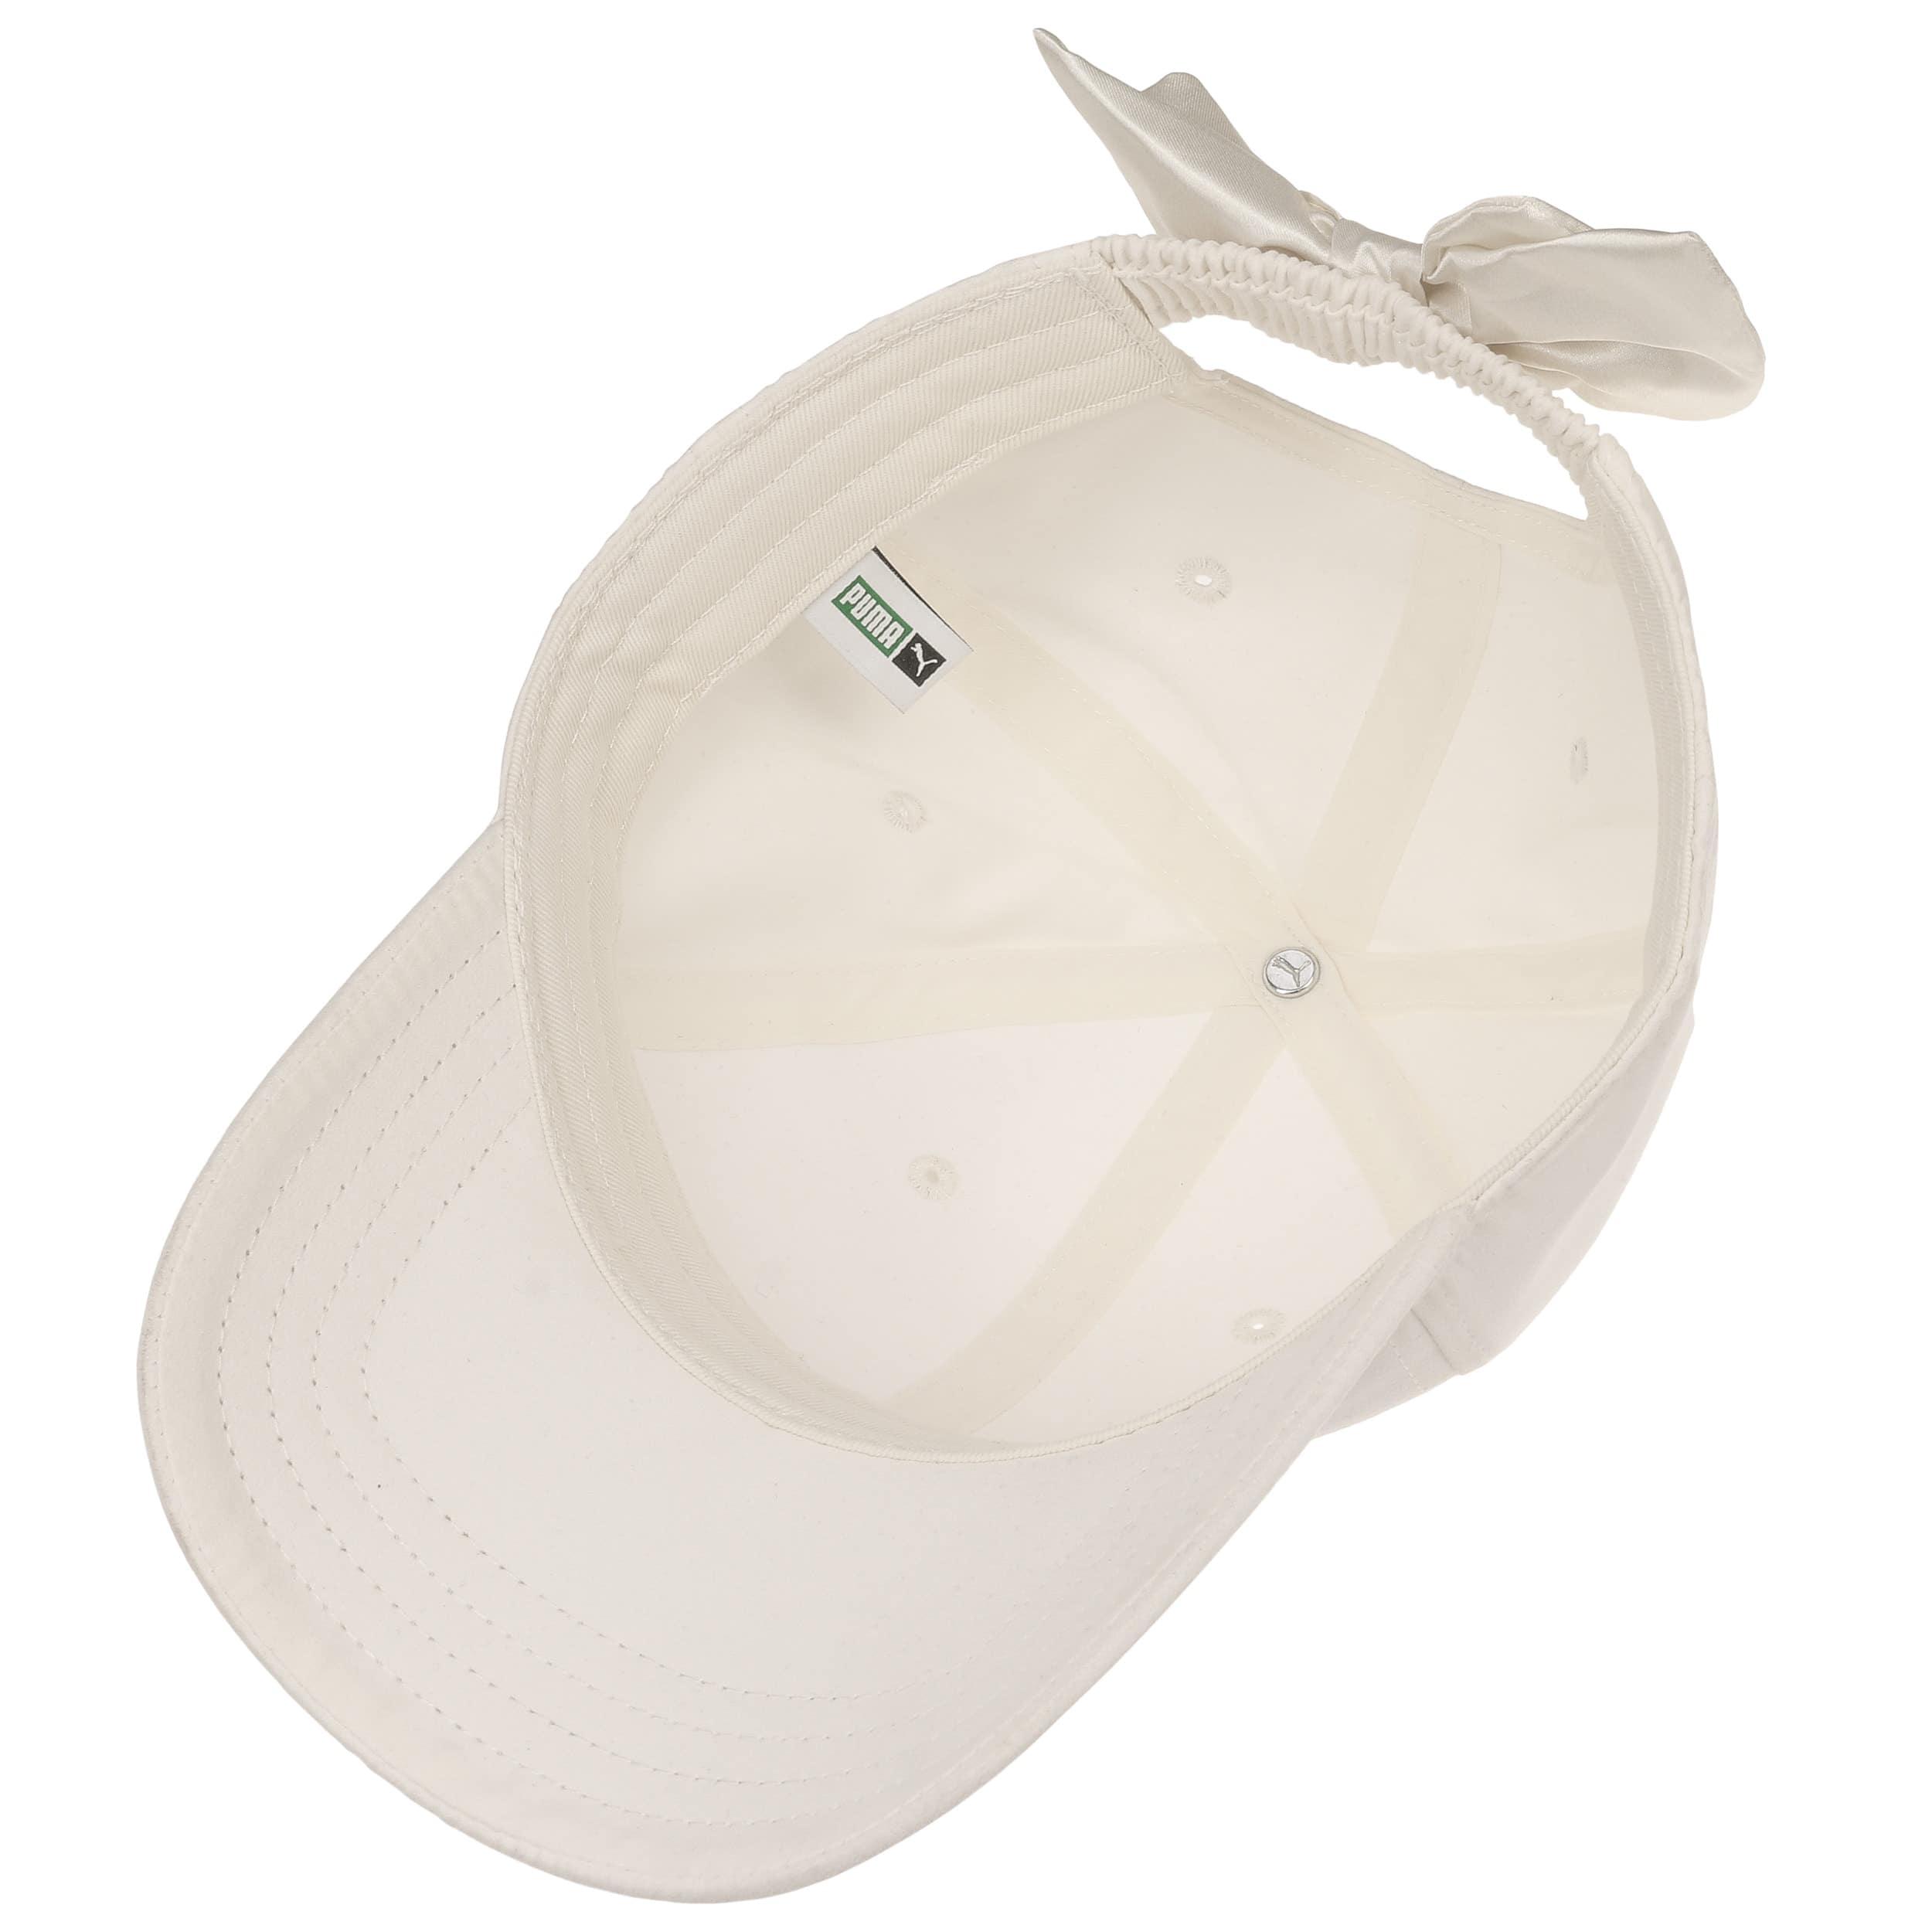 ... Bow Cap by PUMA - white 2 ... 38912194e4b